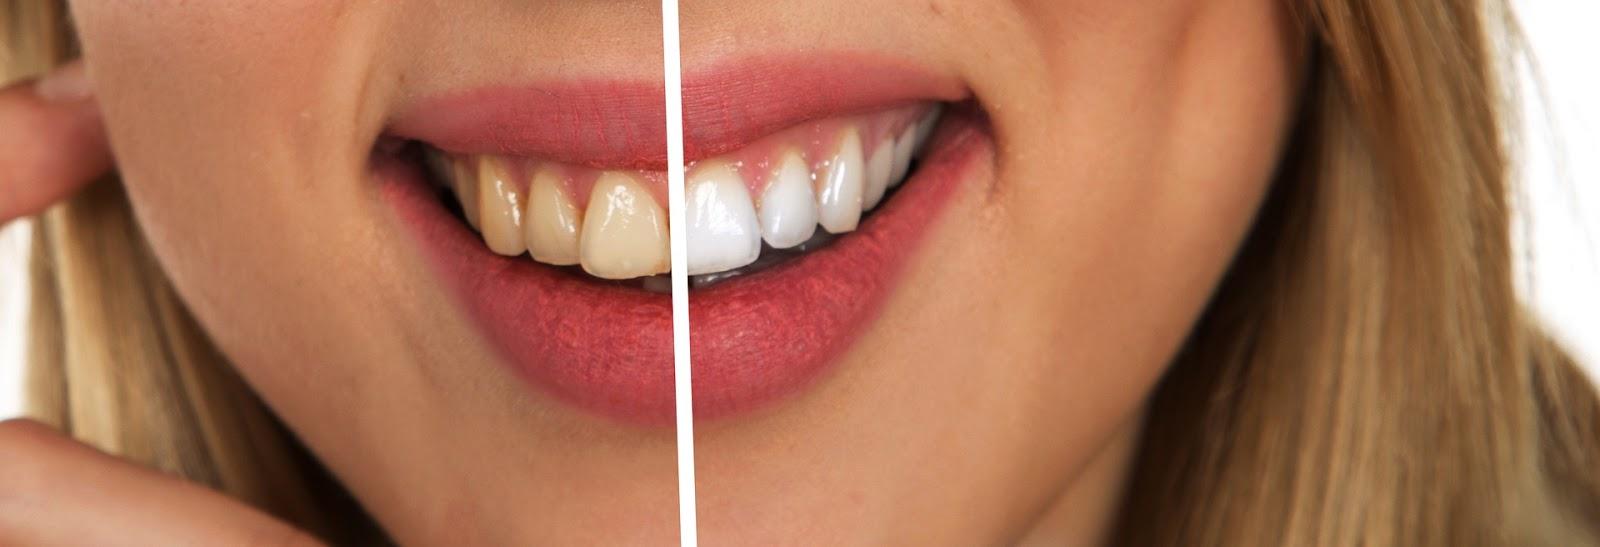 5 Cara Memutihkan Gigi Secara Sehat Baik dan Alami dengan Cepat